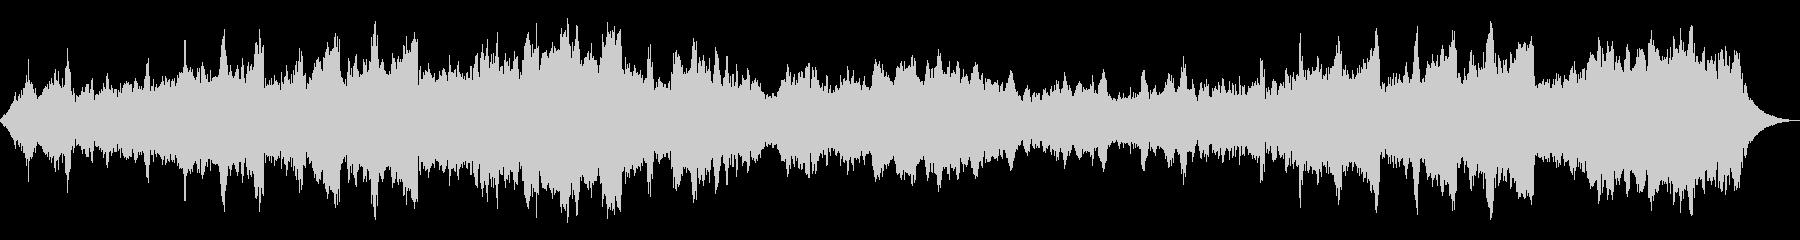 ディープモジュレーション、SCI ...の未再生の波形